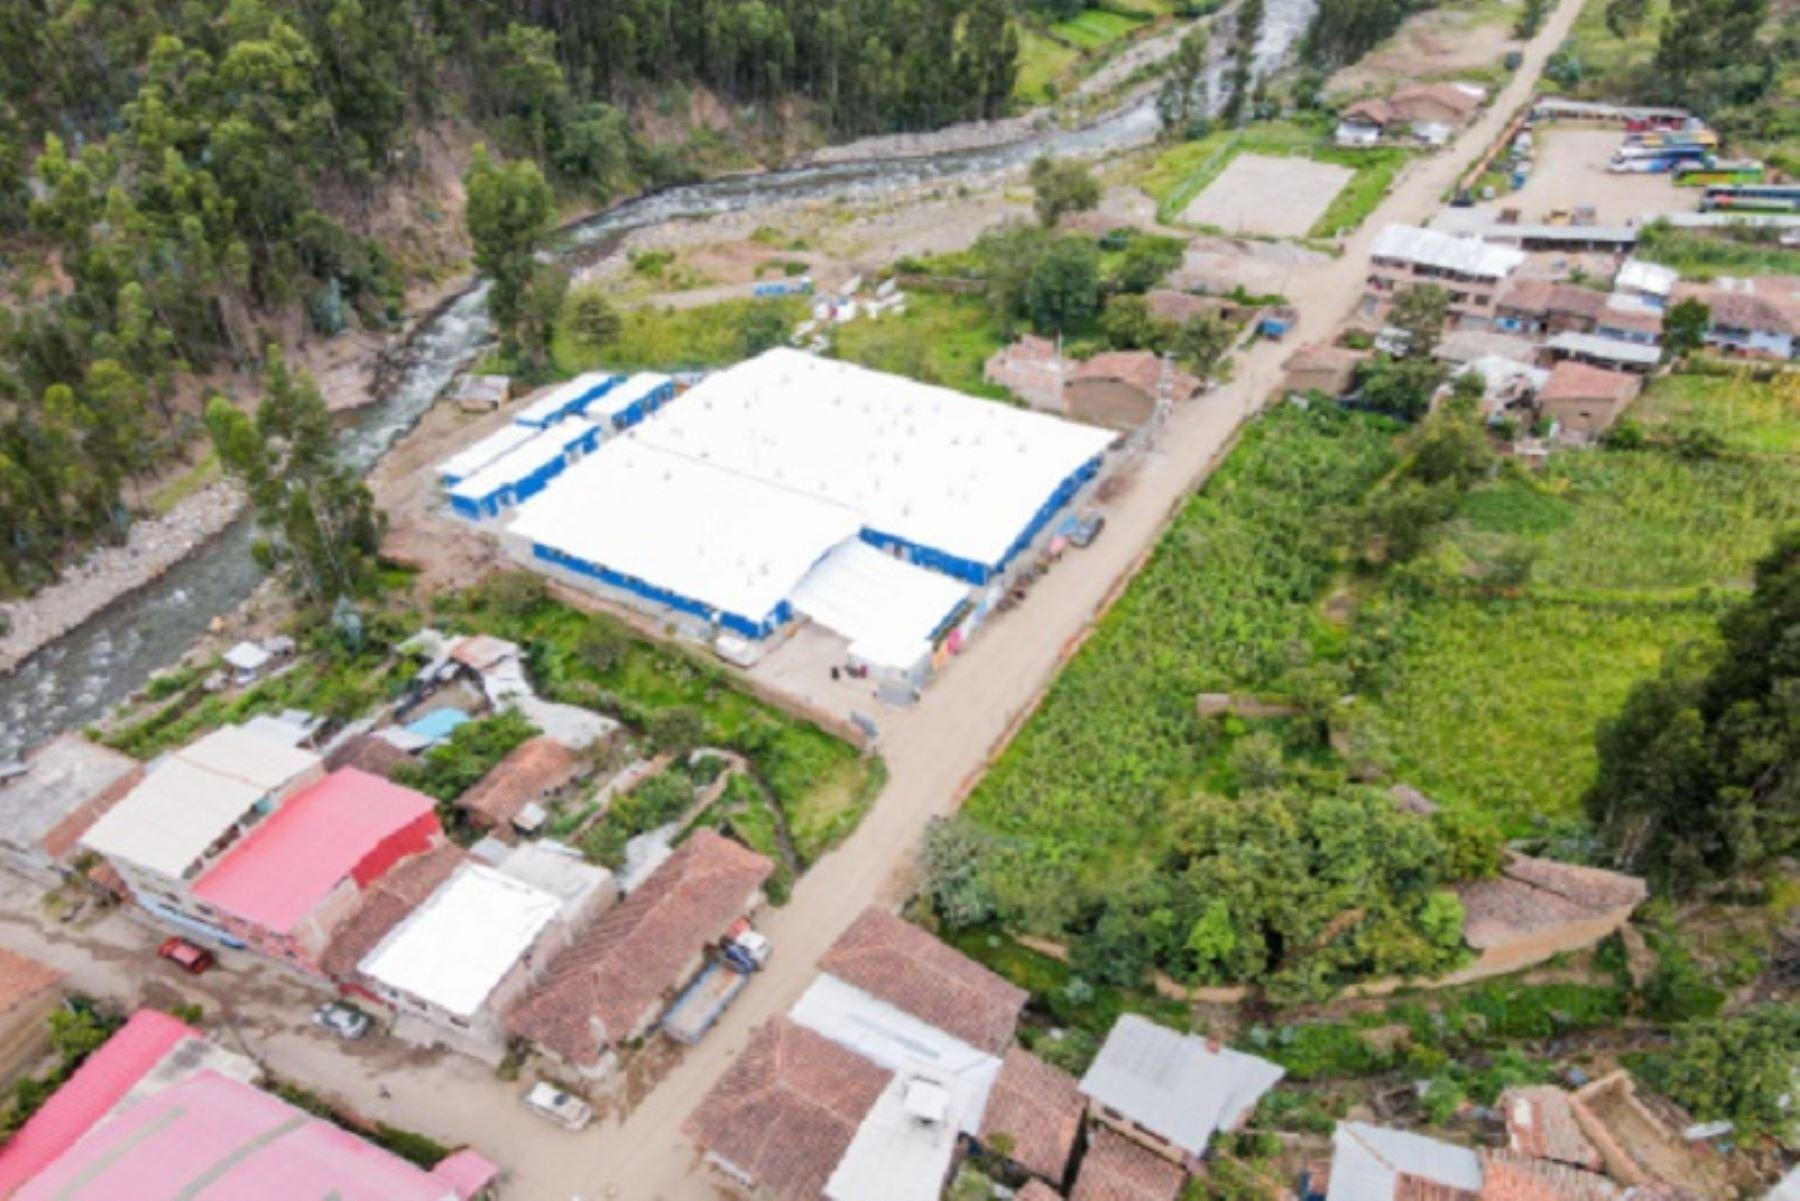 En febrero, la ARCC firmó contrato con el consorcio Perú Health para la reconstrucción de los hospitales de Yungay y Pomabamba, en el contexto del acuerdo gobierno a gobierno entre Perú y el Reino Unido.